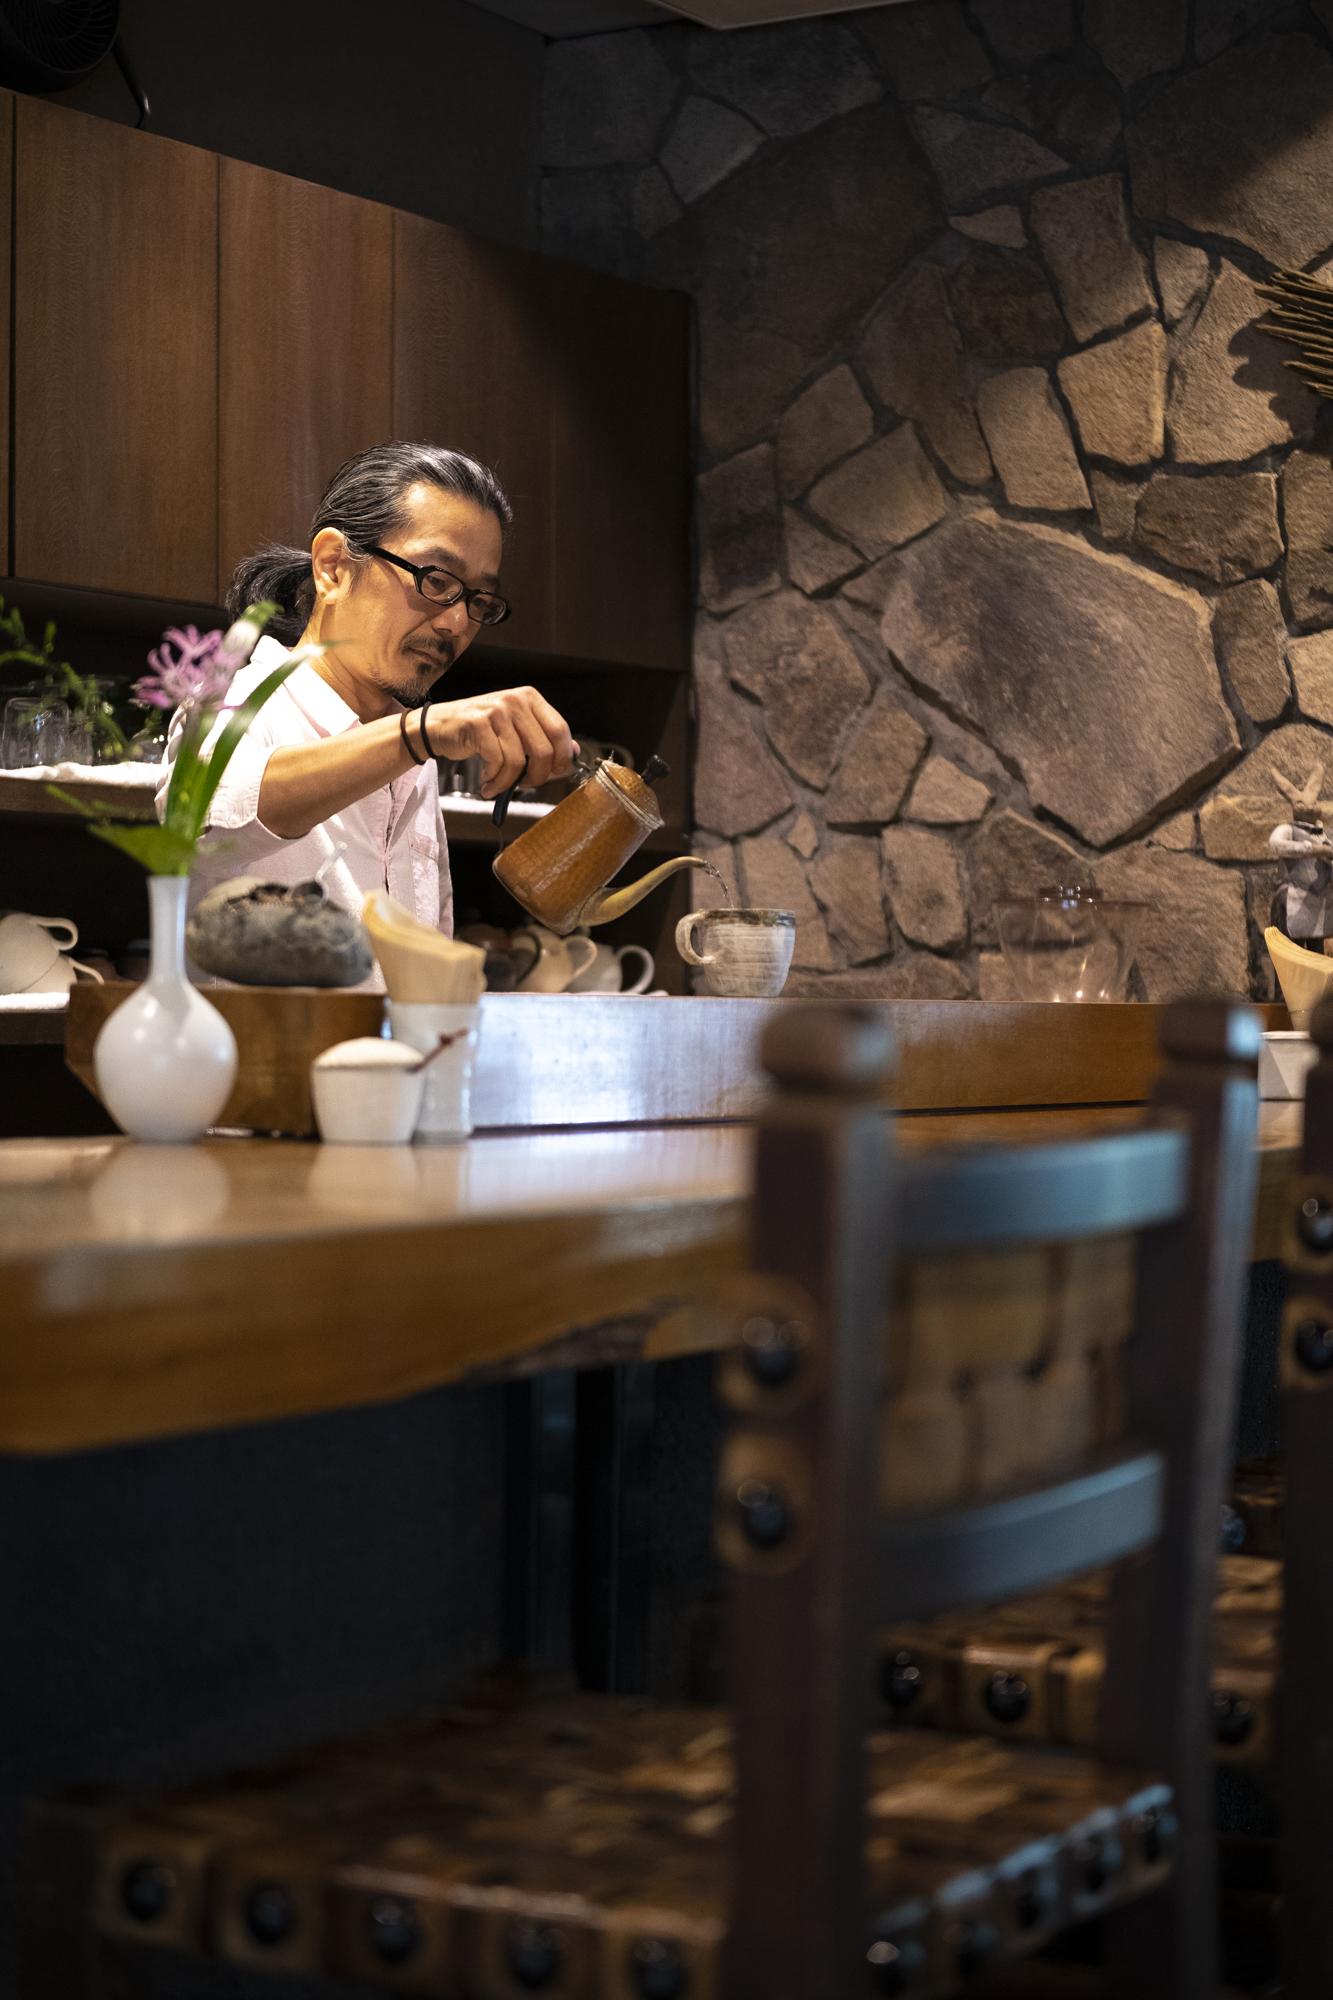 オーナーから店を託された萩原和人さんは満月の夜、パブを催す。